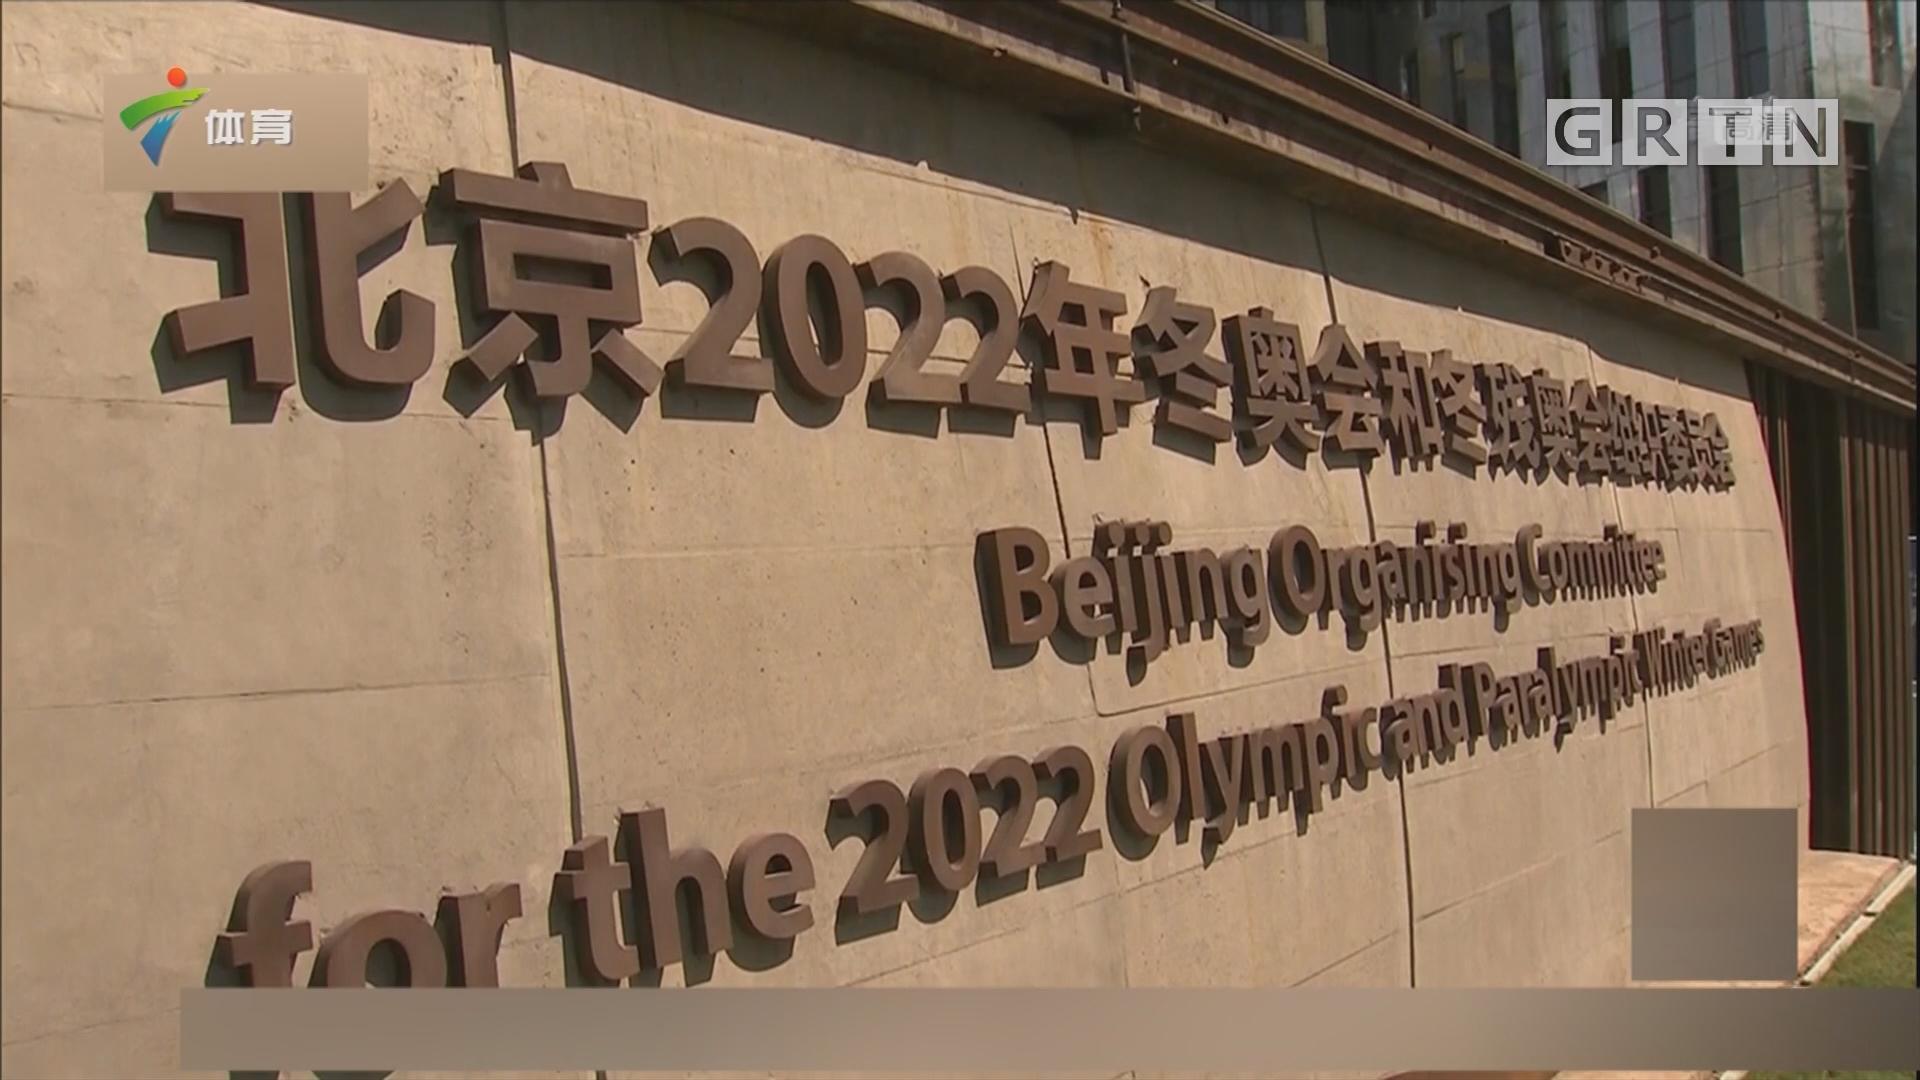 北京2022年冬奥会和冬残奥会无障碍工作启动